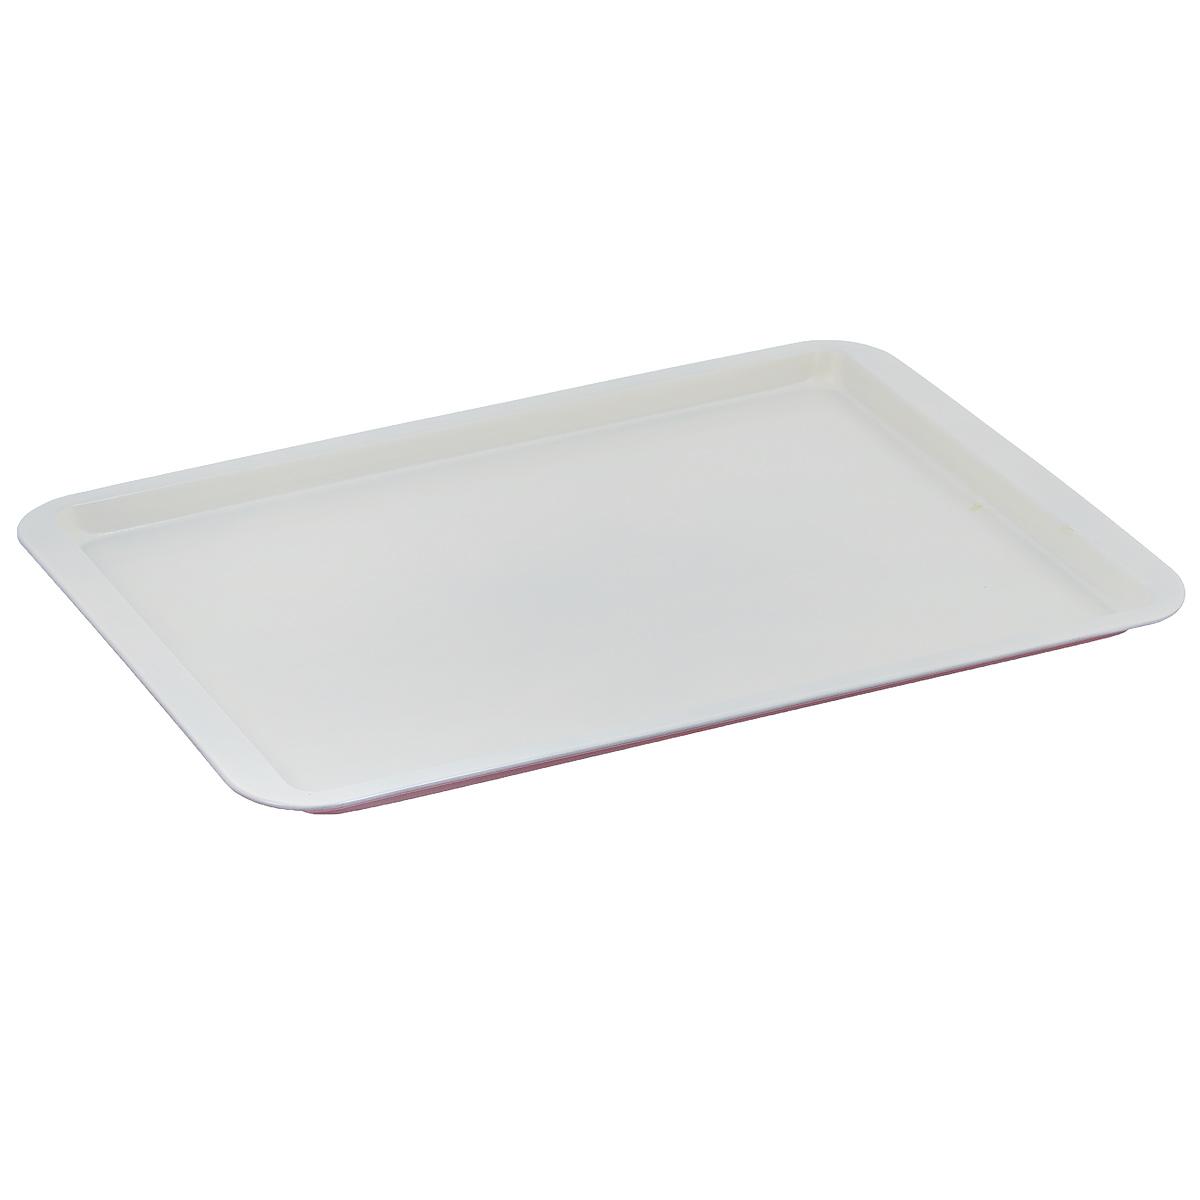 """Противень """"Bekker"""", с керамическим покрытием, прямоугольный, цвет: красный, белый, 43 см х 29 см BK-3969"""